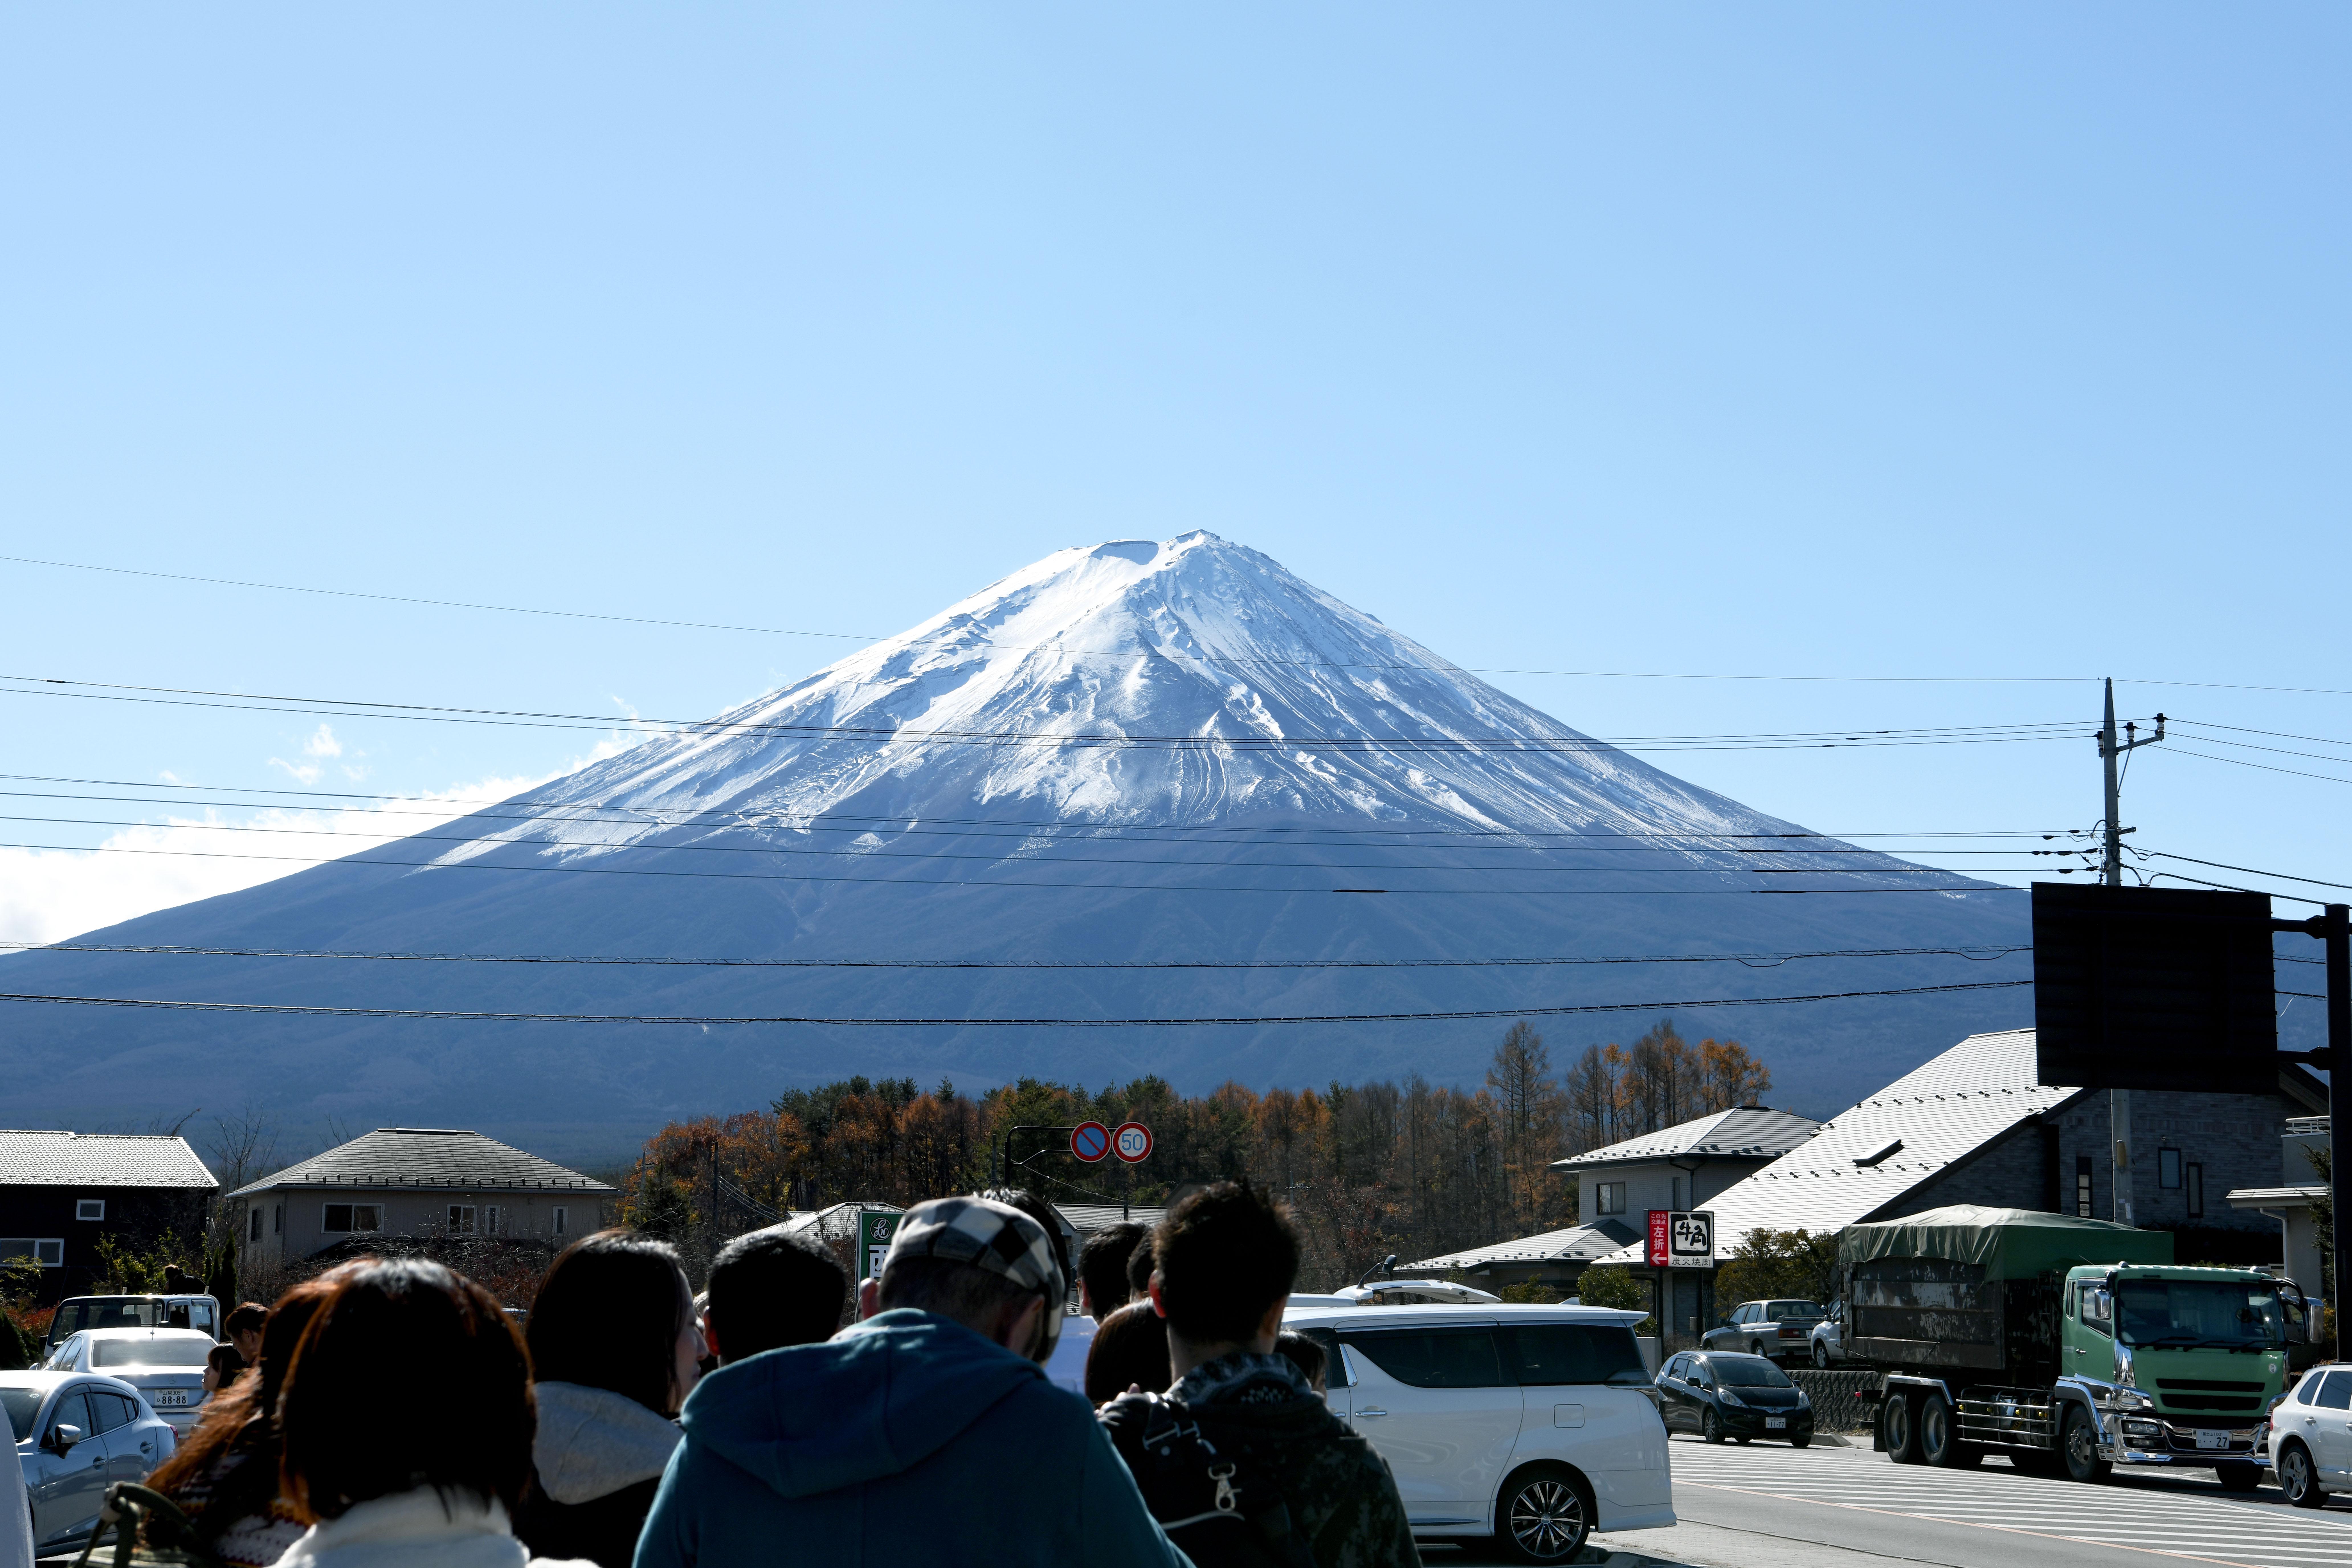 最心滿意足的兩天一夜,我們追著千變萬化的富士山。 @MENS 30S LIFE